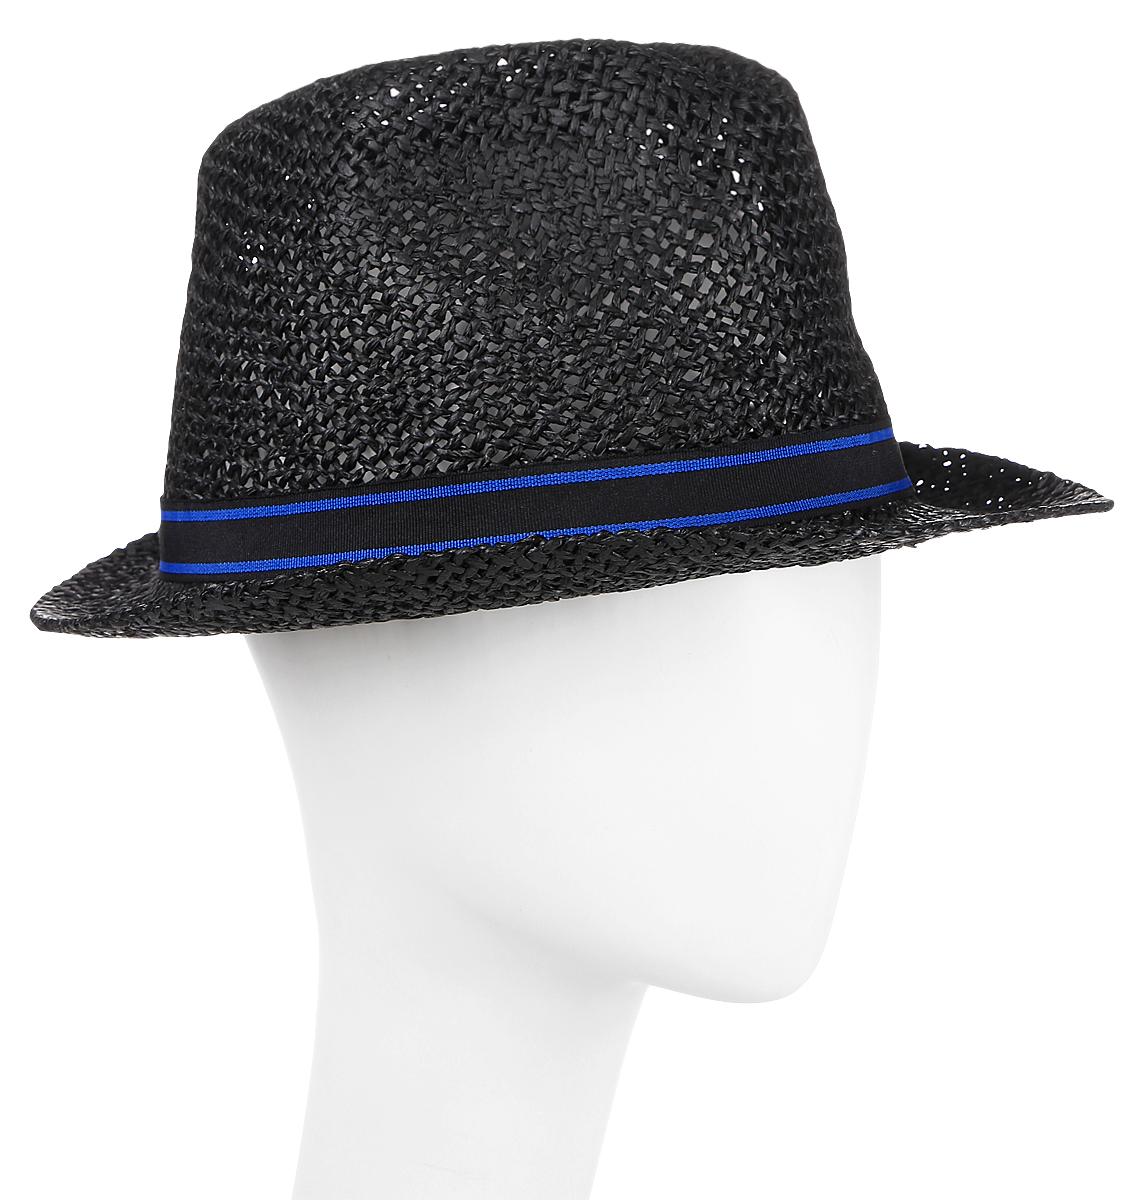 Шляпа мужская Maxval, цвет: черный. HtM141004. Размер 58HtM141004Традиционная шляпа-федора дополнена декоративной лентой. Модель для расслабленного отдыха. Плетение хорошо пропускает воздух.